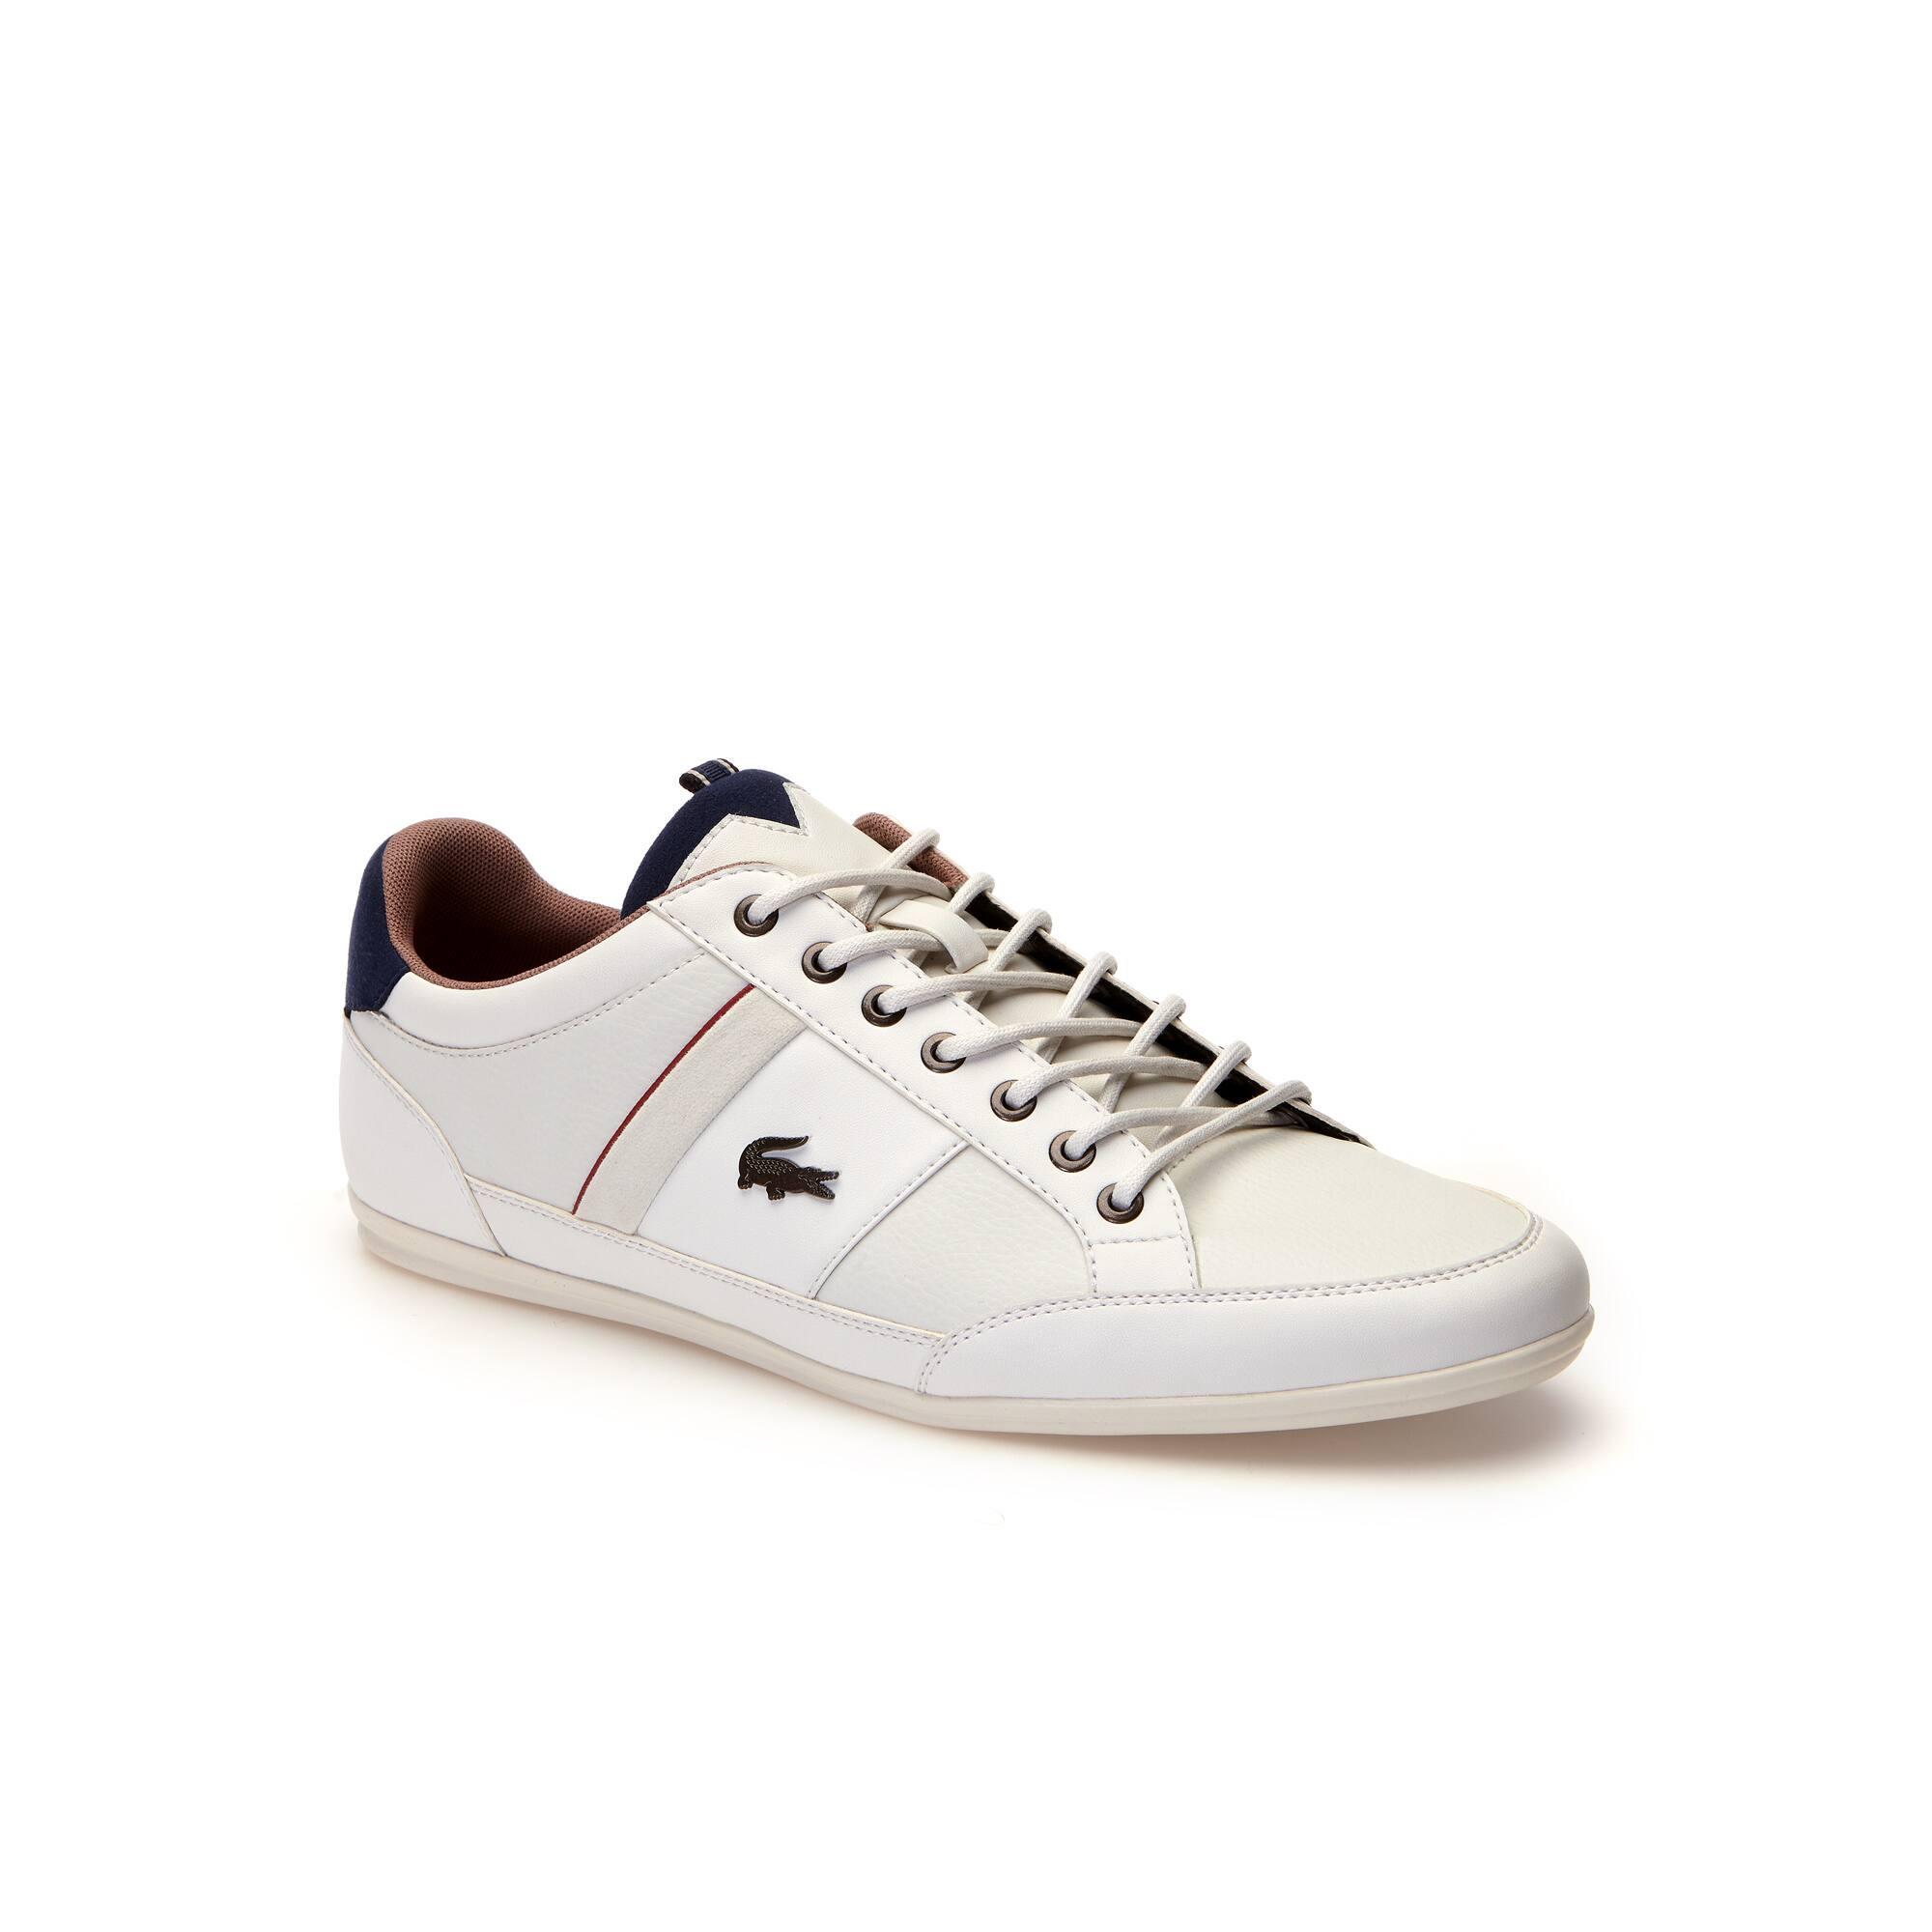 حذاء Chaymon الجلد الرياضي للرجال